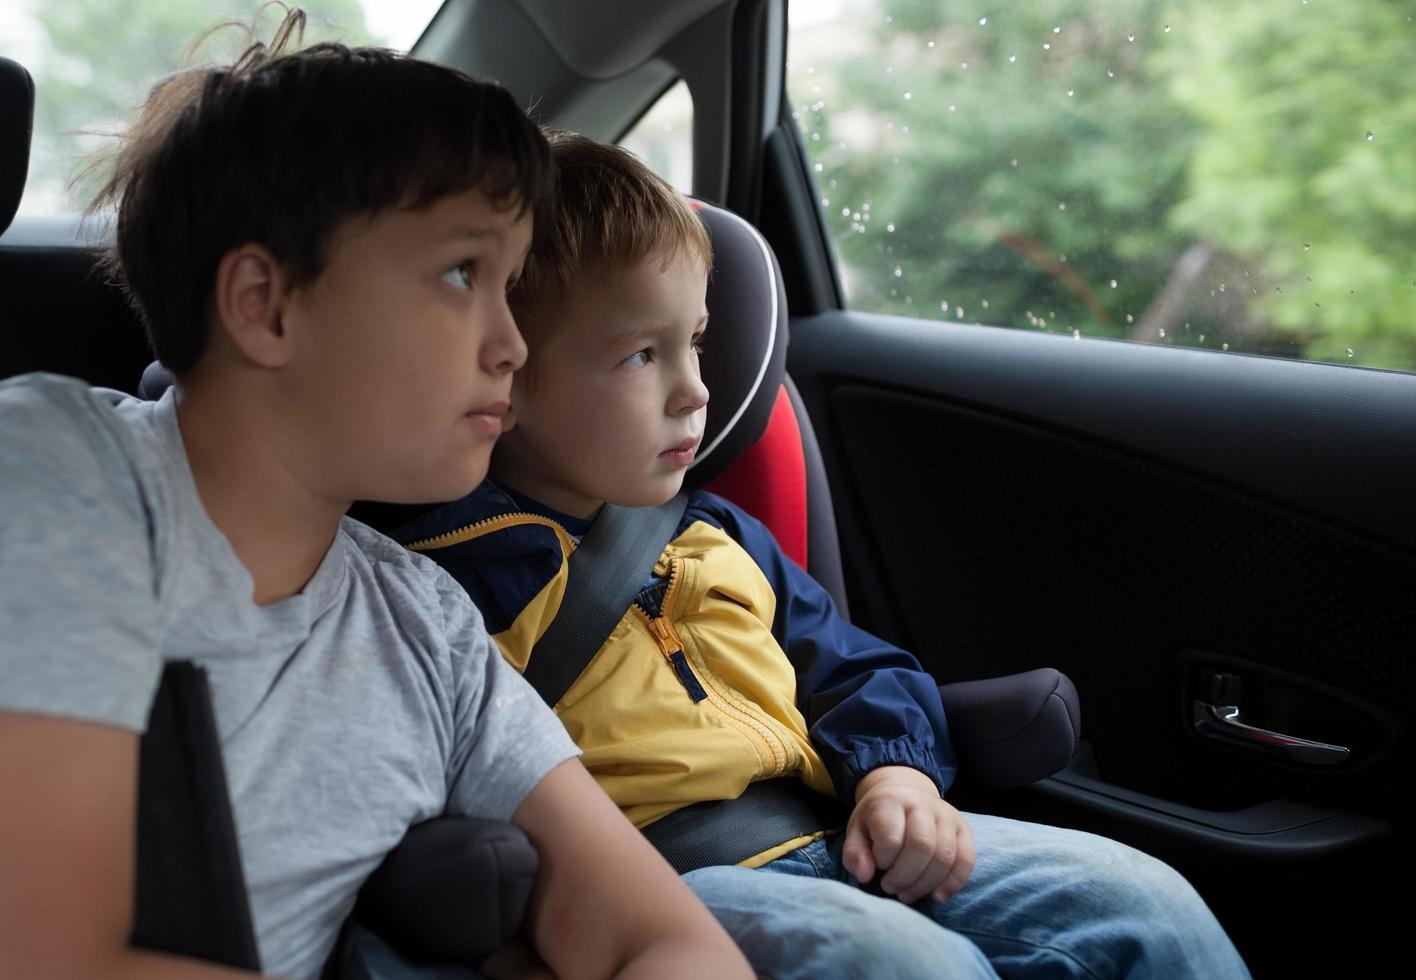 Jungen schauen aus einem Autofenster foto